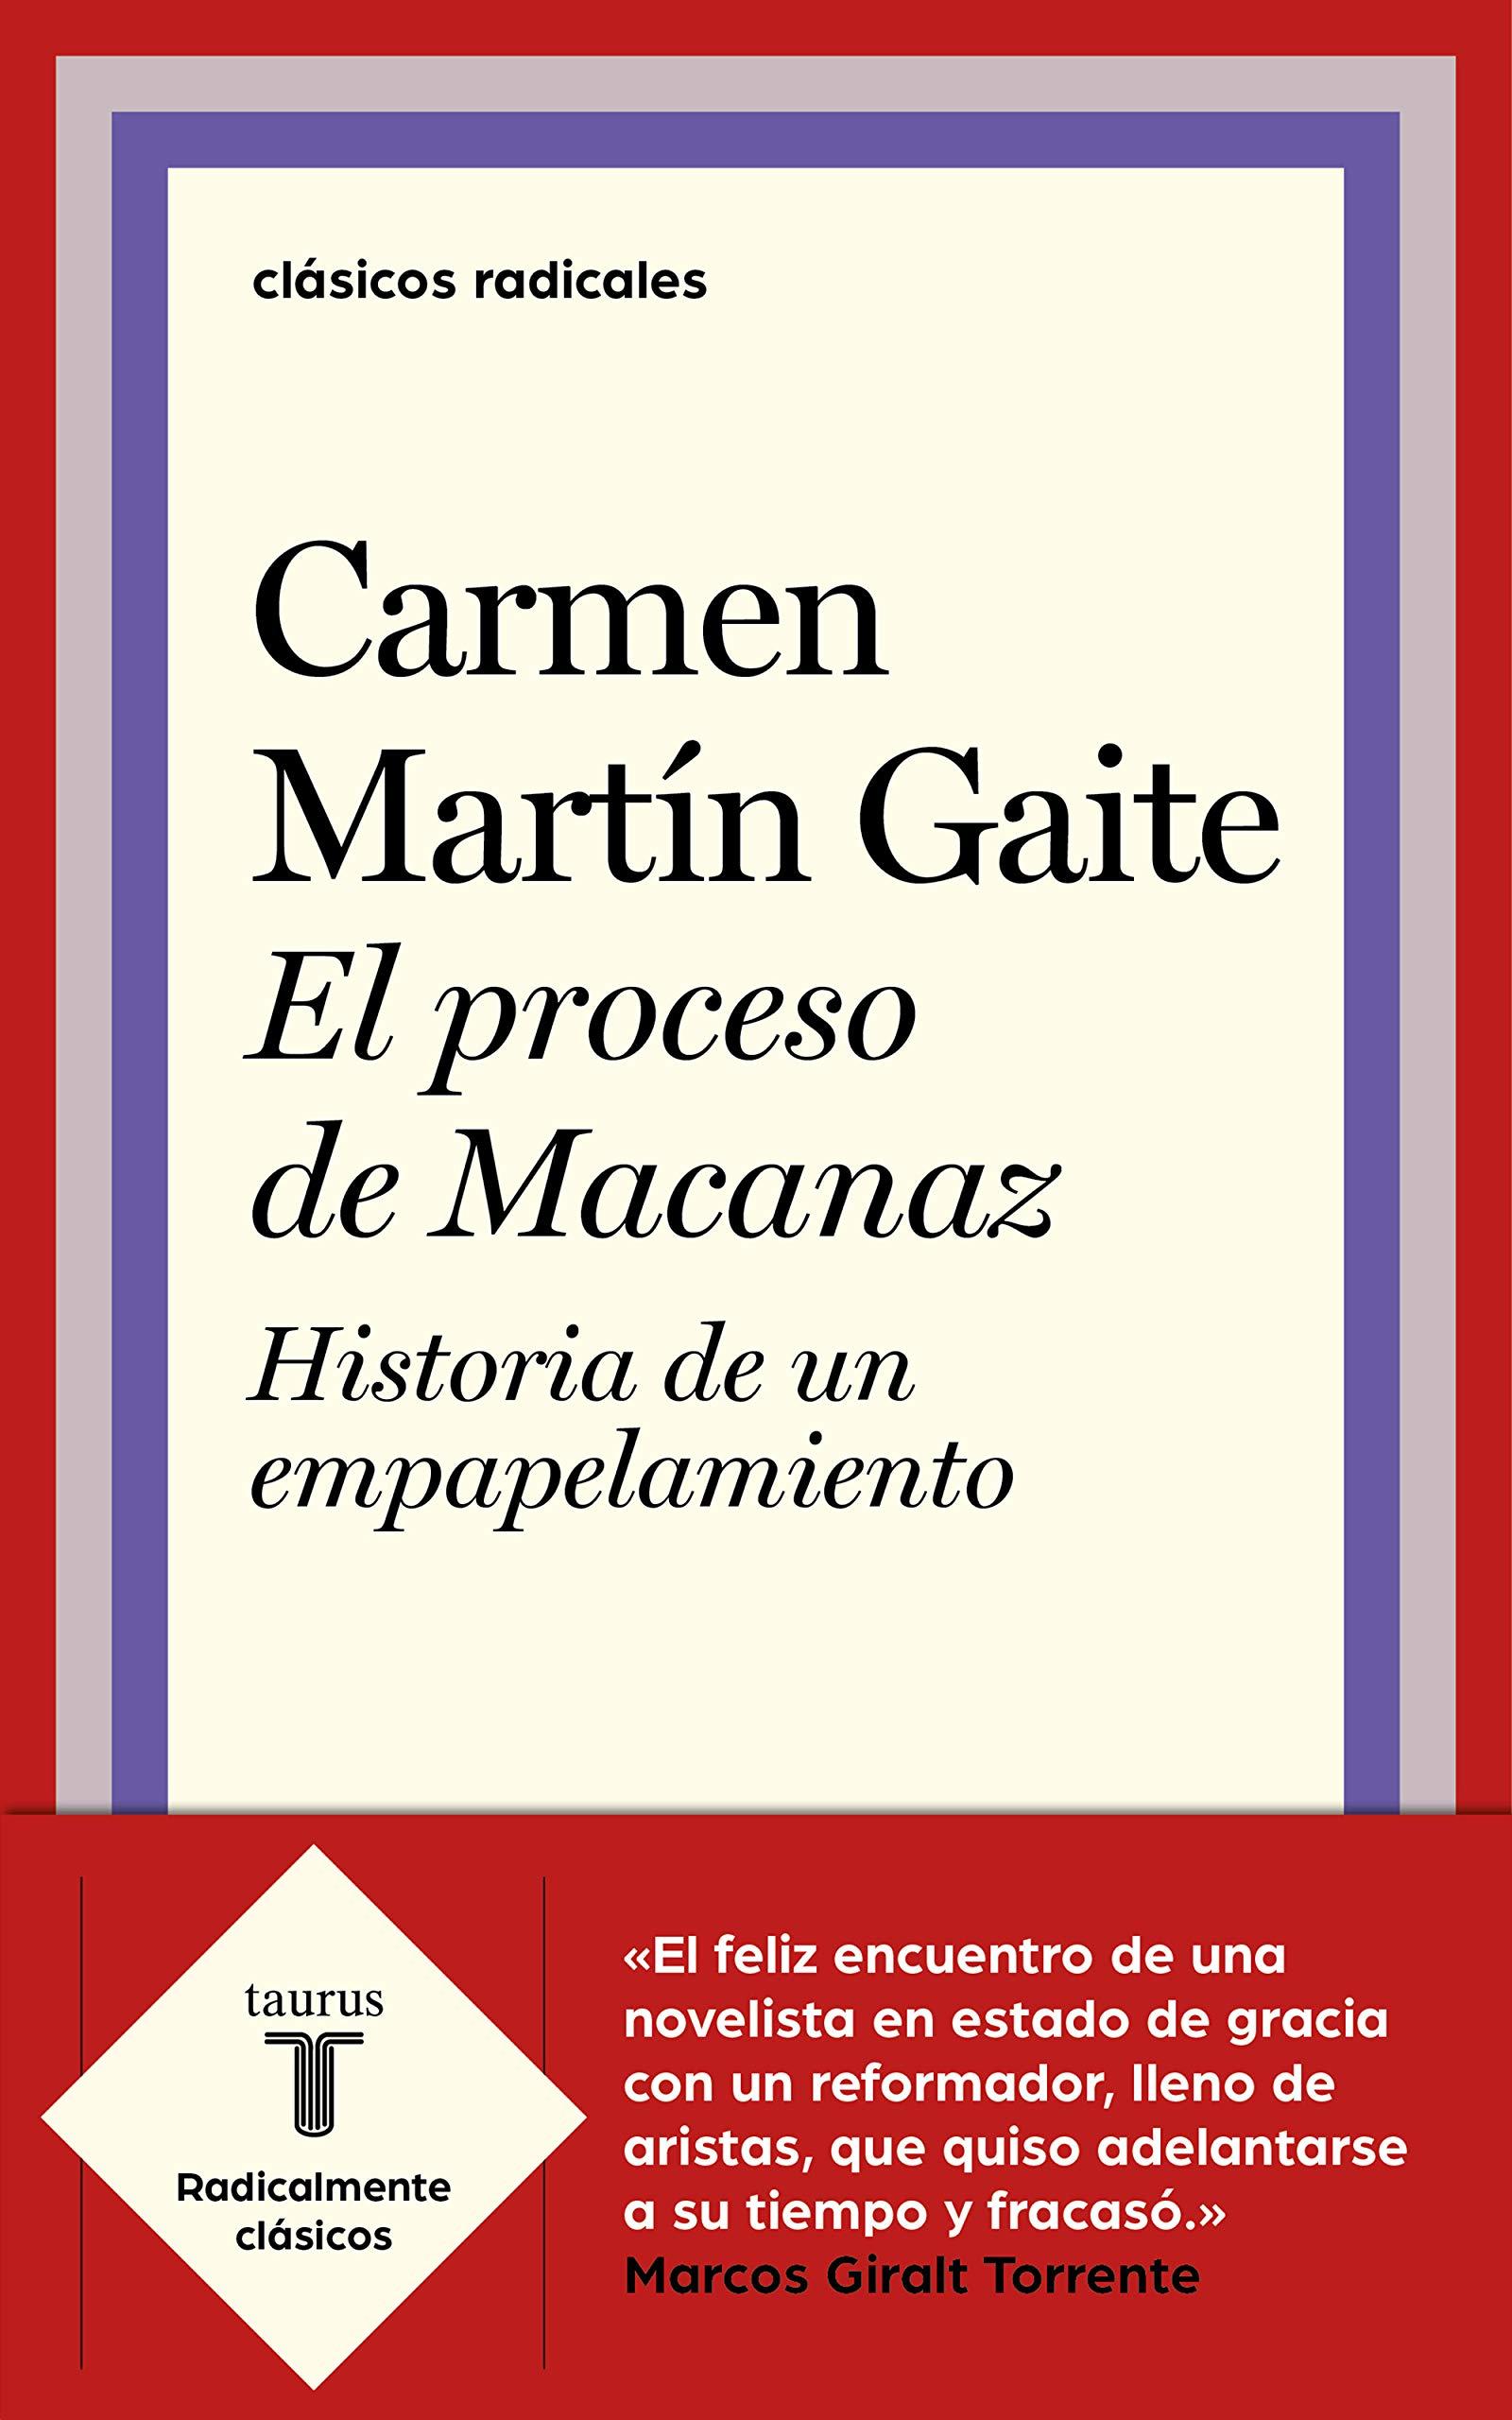 El proceso de Macanaz: Historia de un empapelamiento Clásicos Radicales: Amazon.es: Martín Gaite, Carmen: Libros